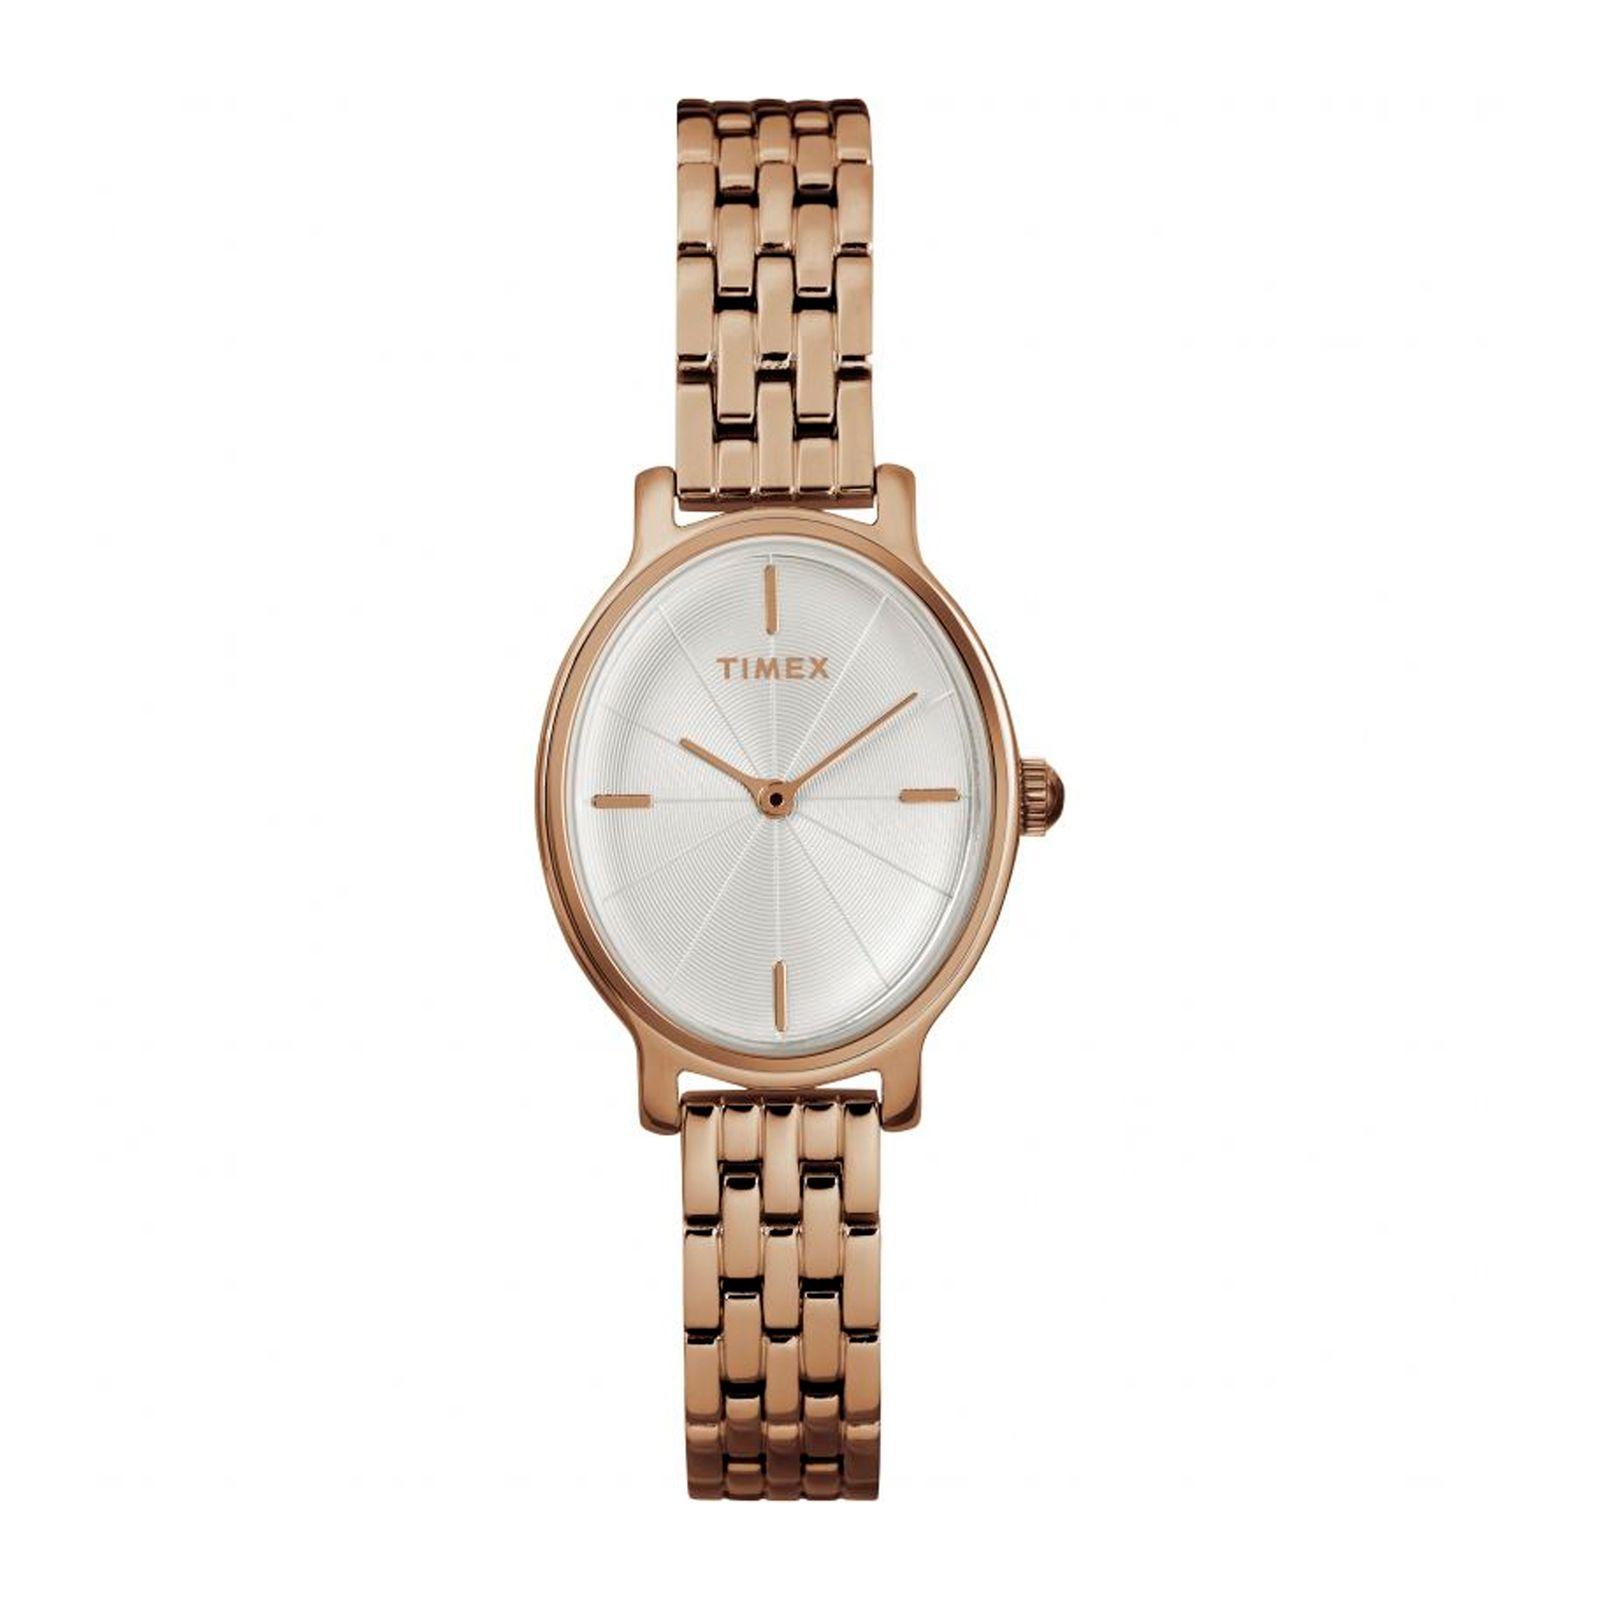 ساعت مچی عقربه ای زنانه تایمکس مدل TW2R94000 -  - 1